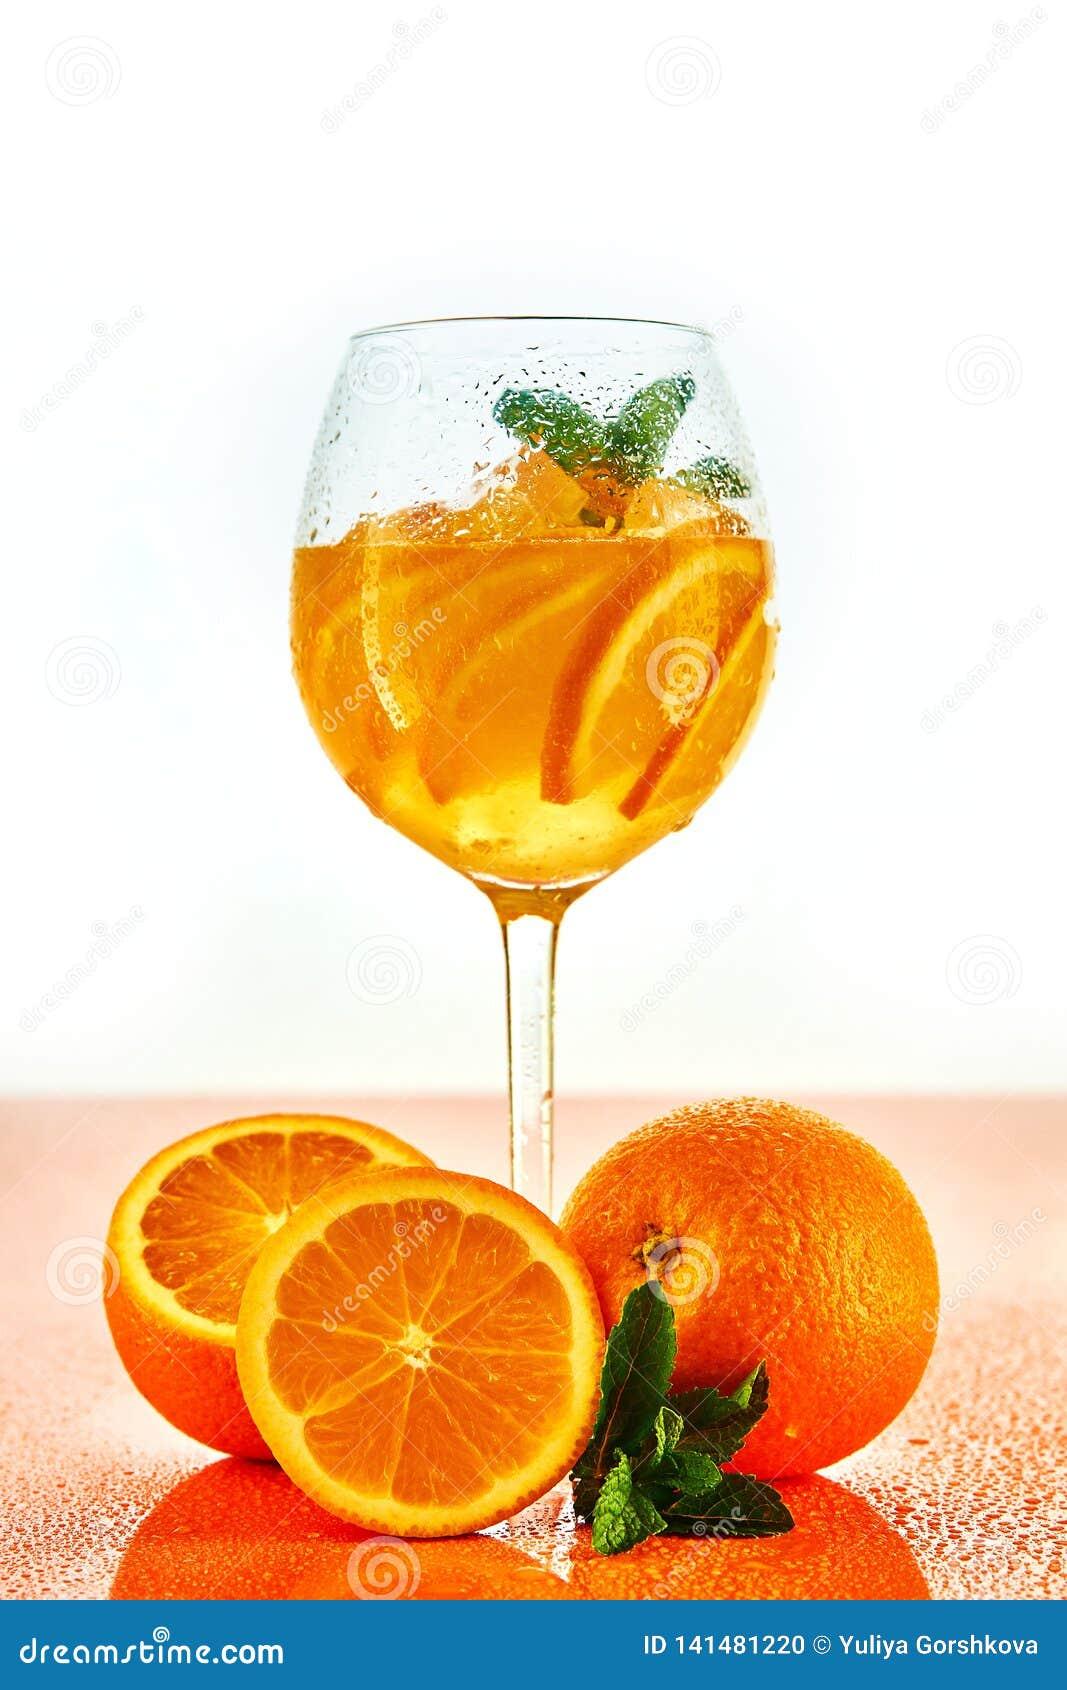 Oranje cocktail in wijnglas met munt op witte achtergrond met sinaasappelen